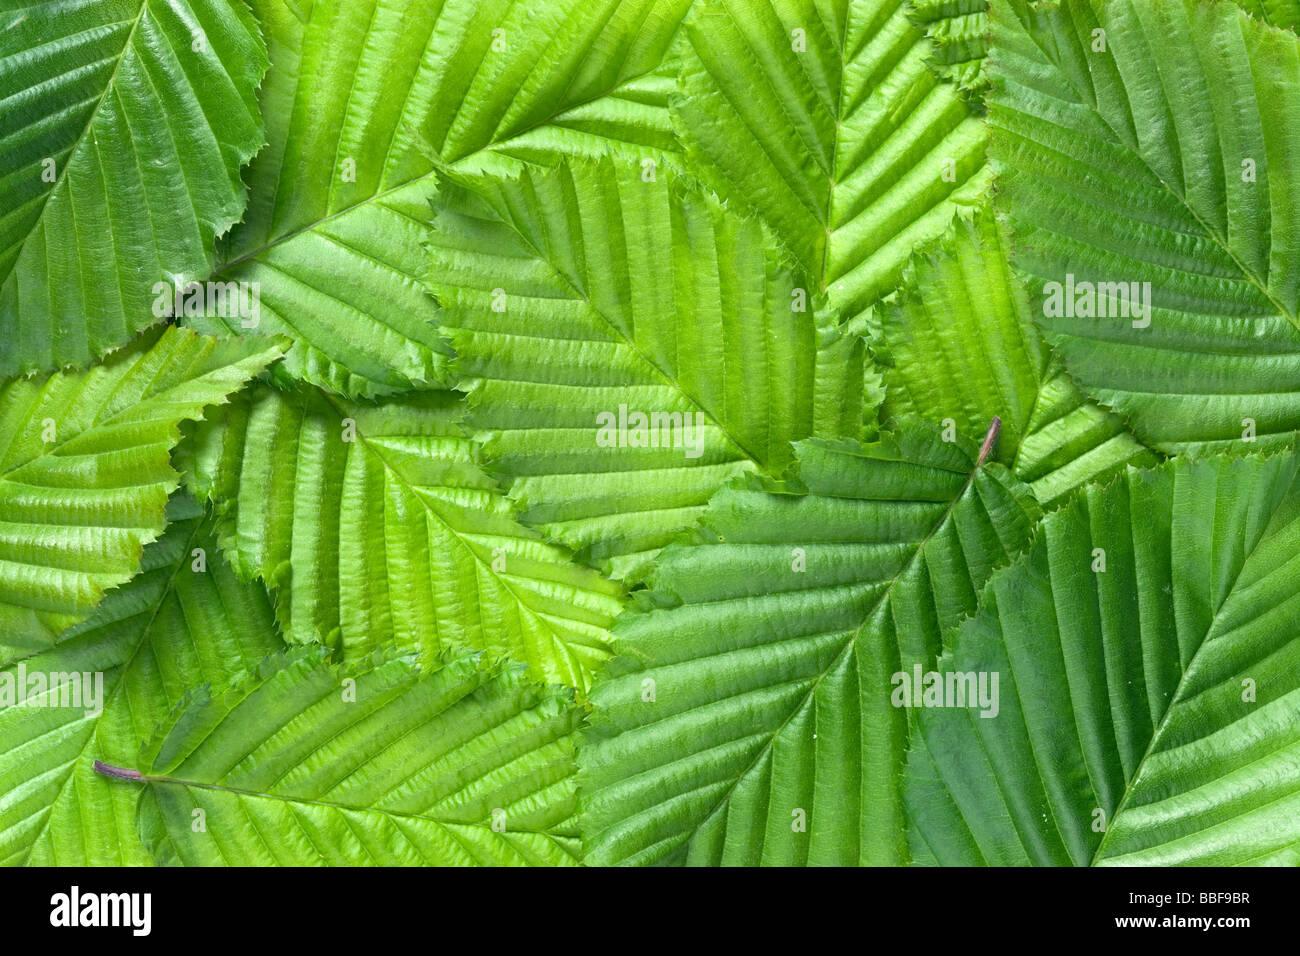 Leaf pattern. Hornbeam leaves, Carpinus betulus. - Stock Image